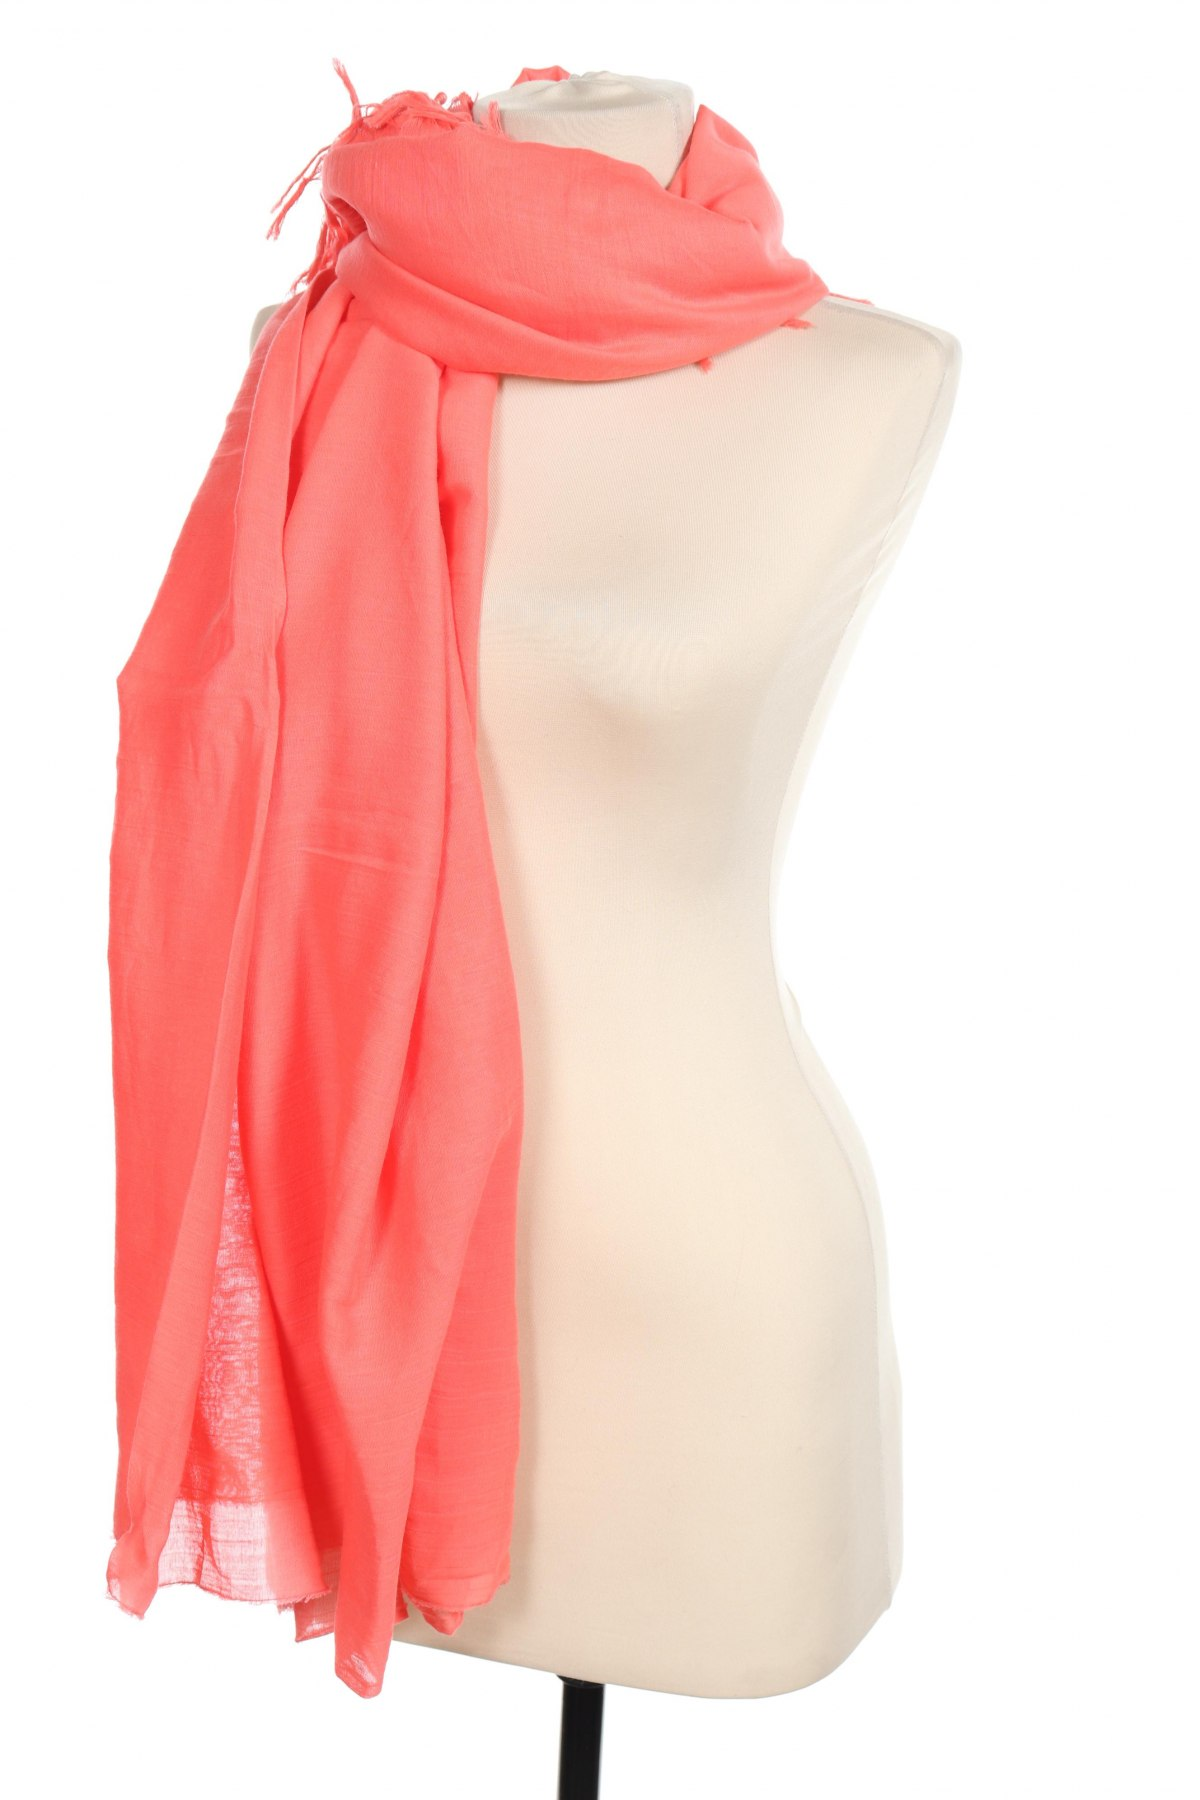 Κασκόλ Christian Berg, Χρώμα Ρόζ , Βαμβάκι, Τιμή 5,09€